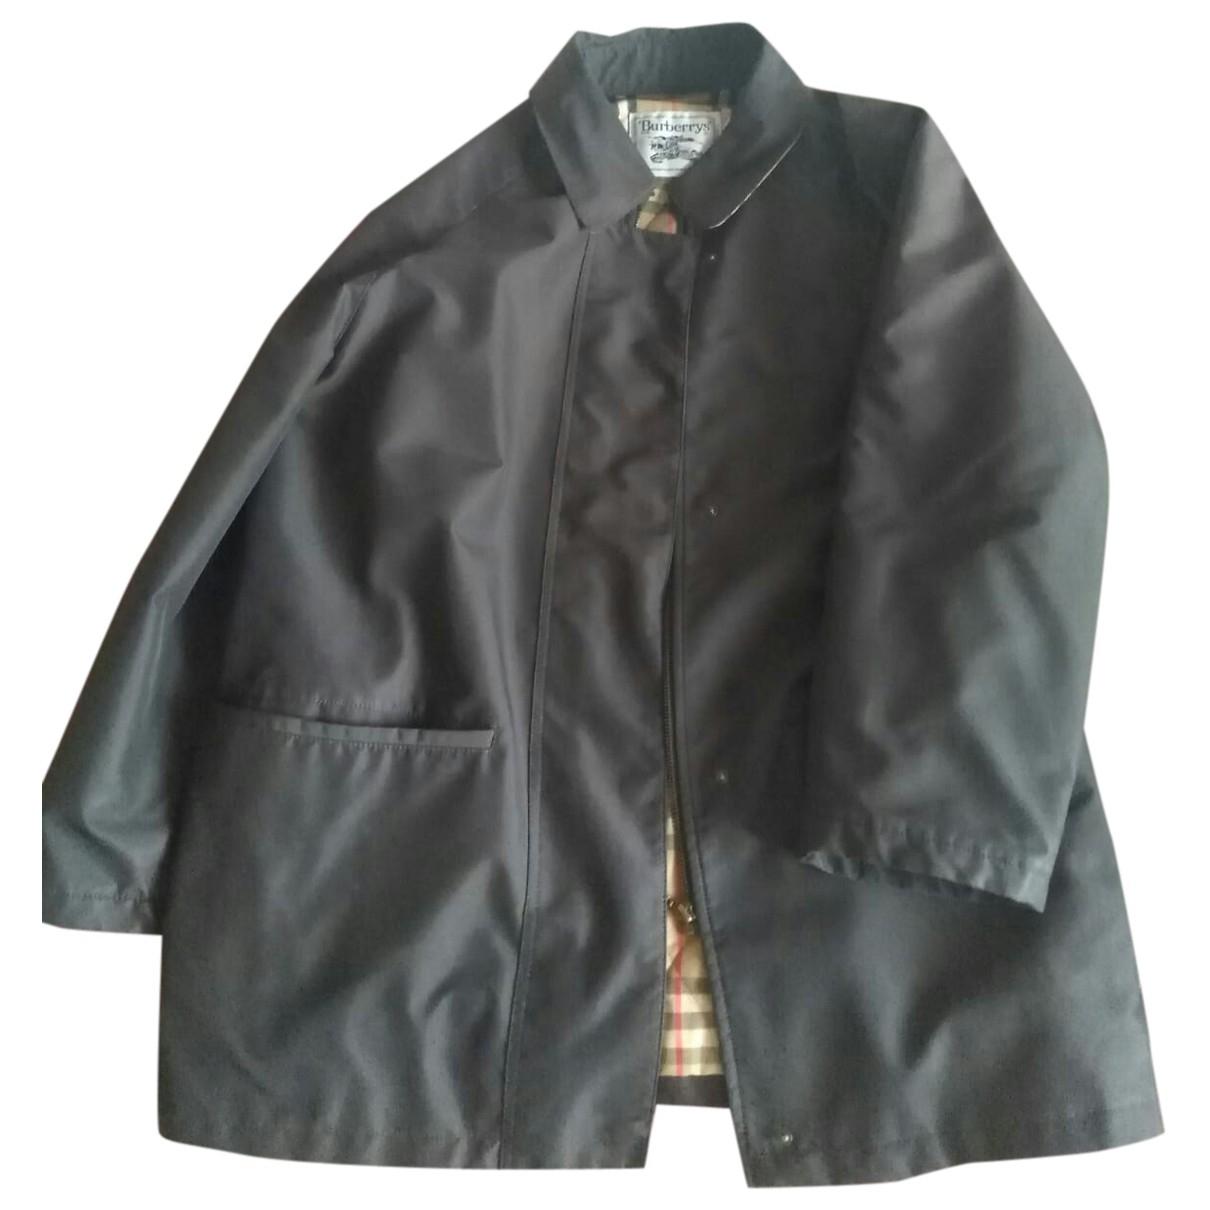 Burberry - Manteau   pour homme - marron